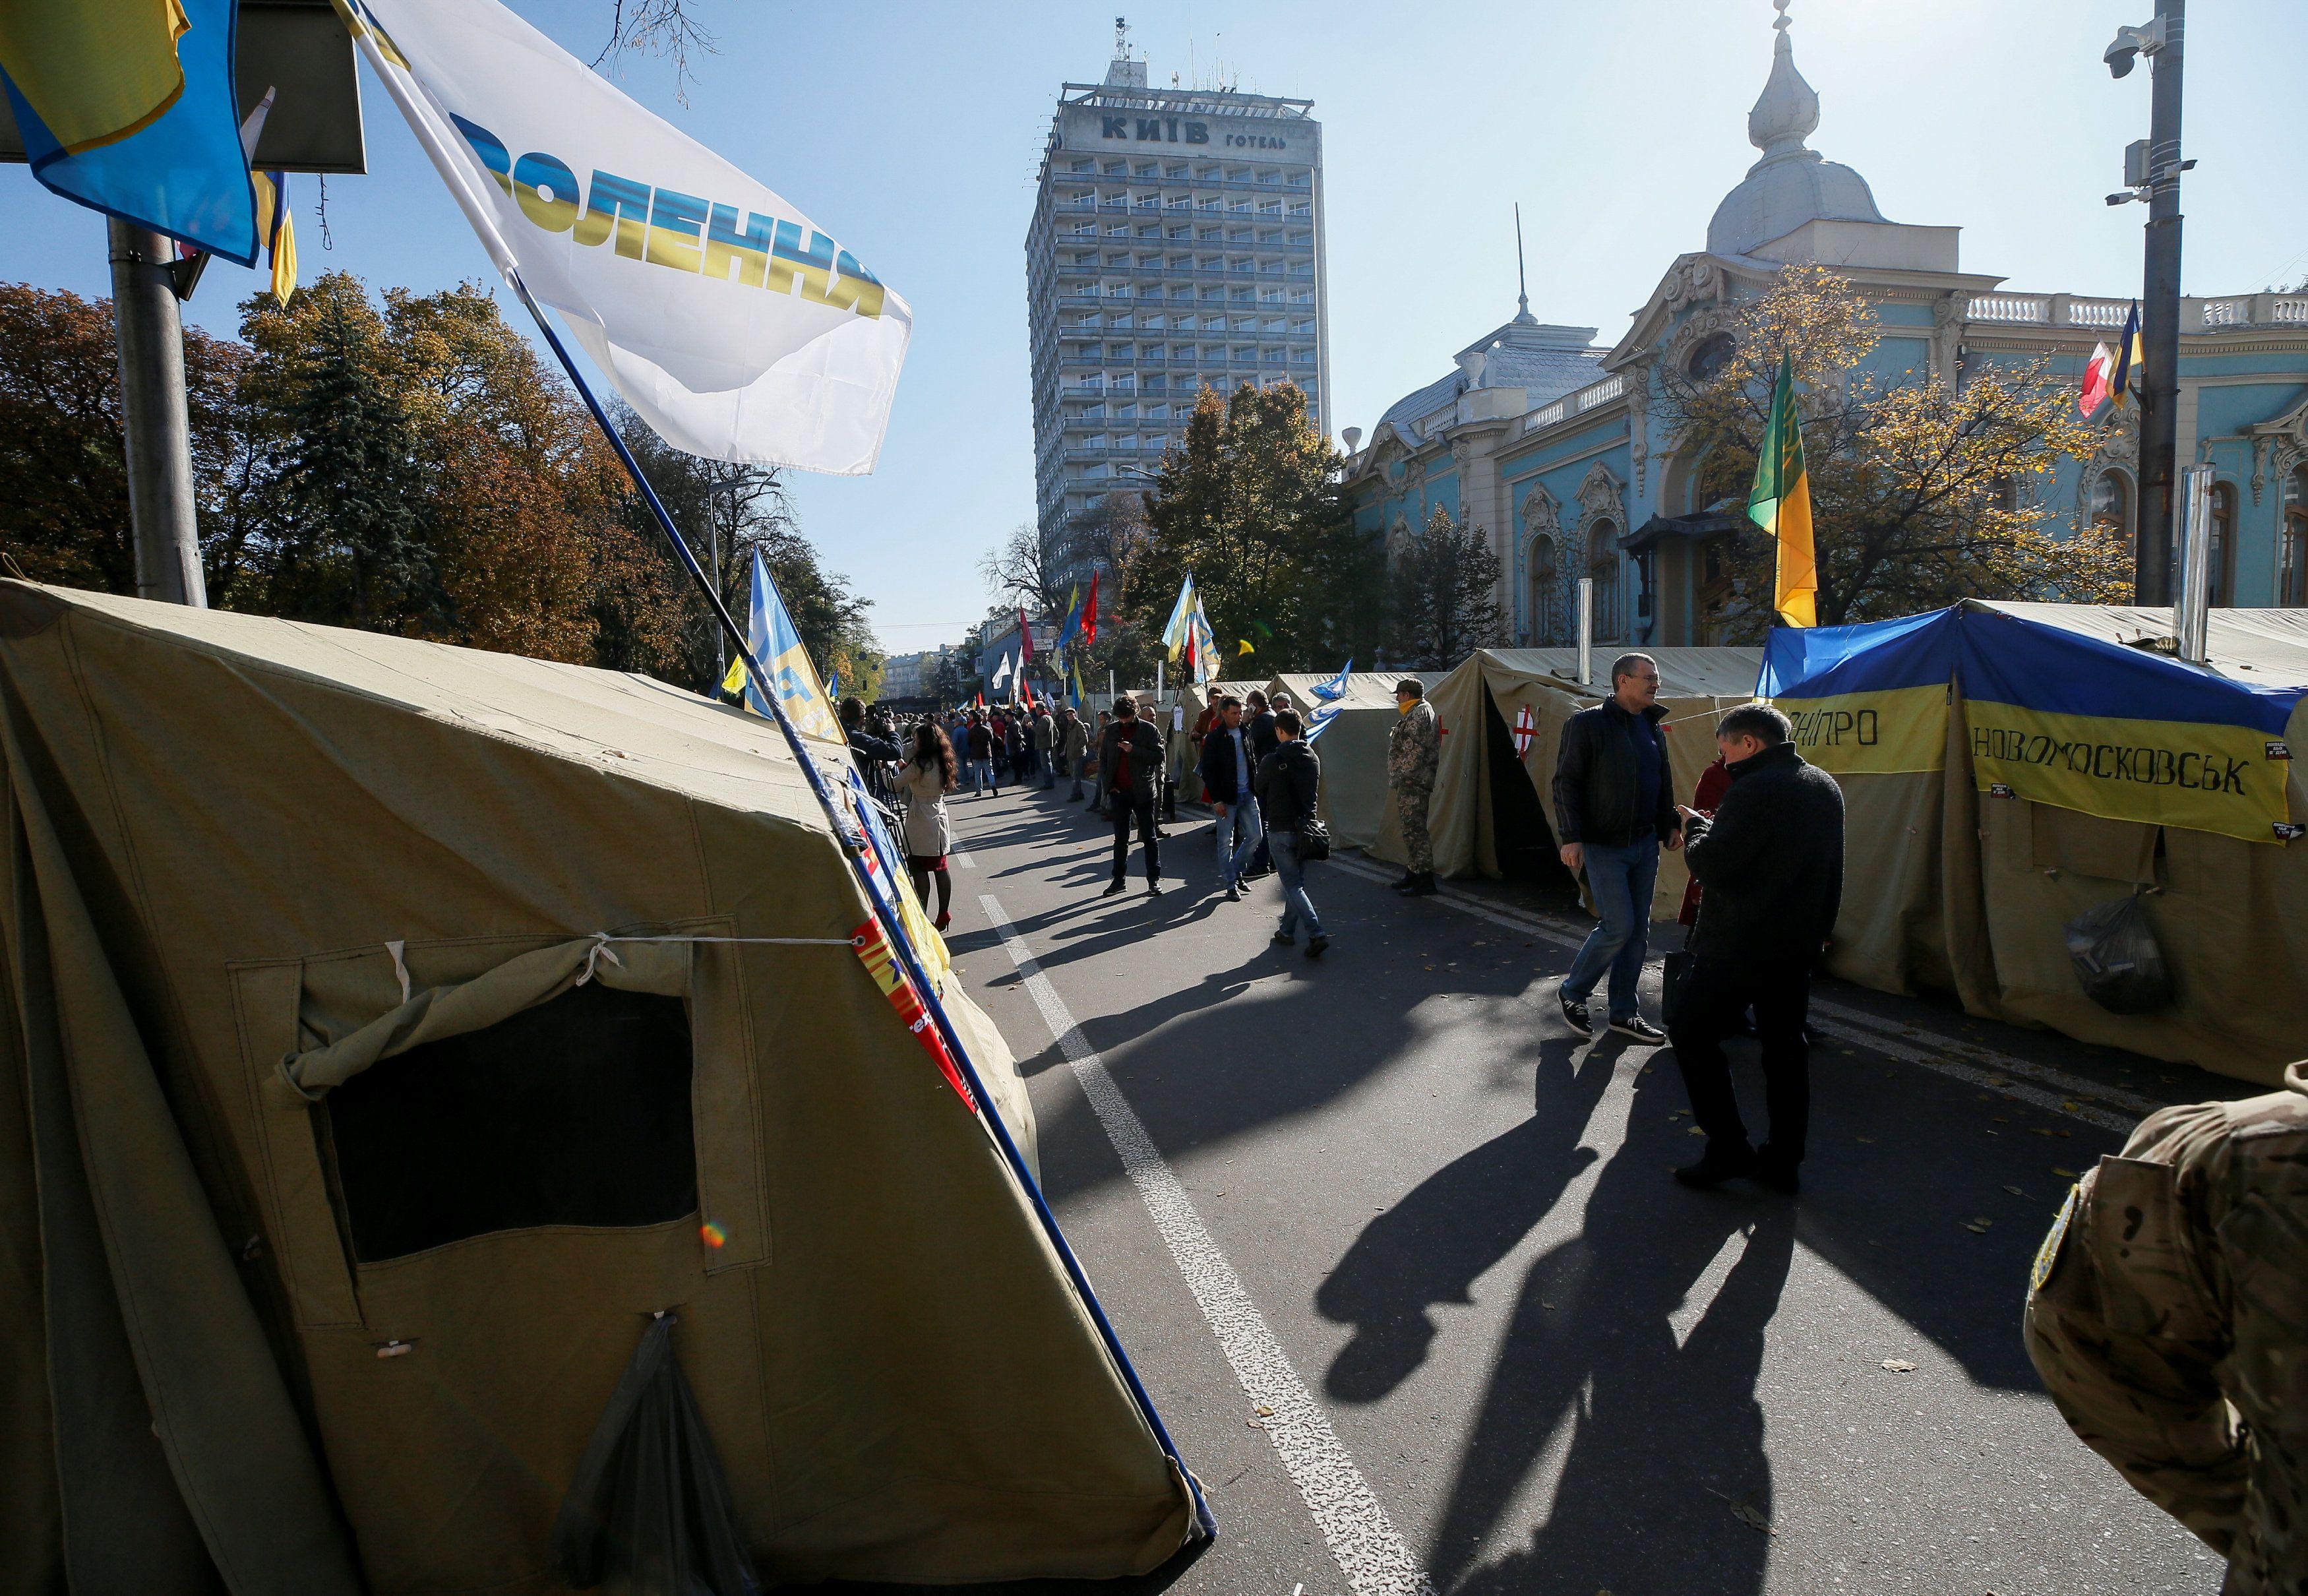 Палаточный городок в центре Киева, иллюстрация